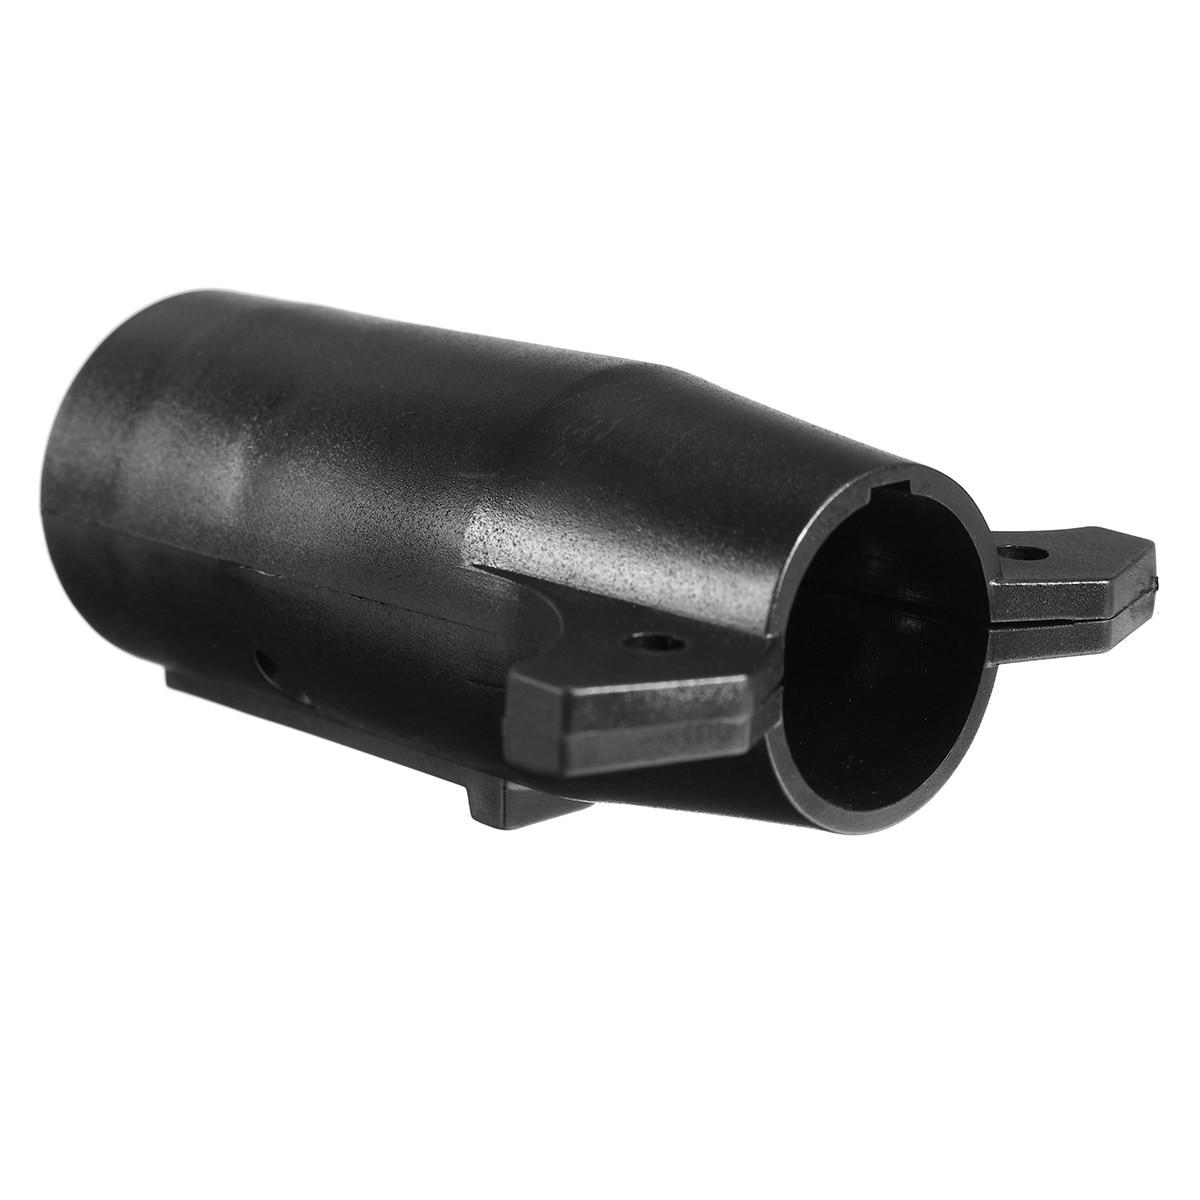 KROAK 7 Way Flat Pin to 6 Way Round Pin Trailer Wiring Adapter Plug ...